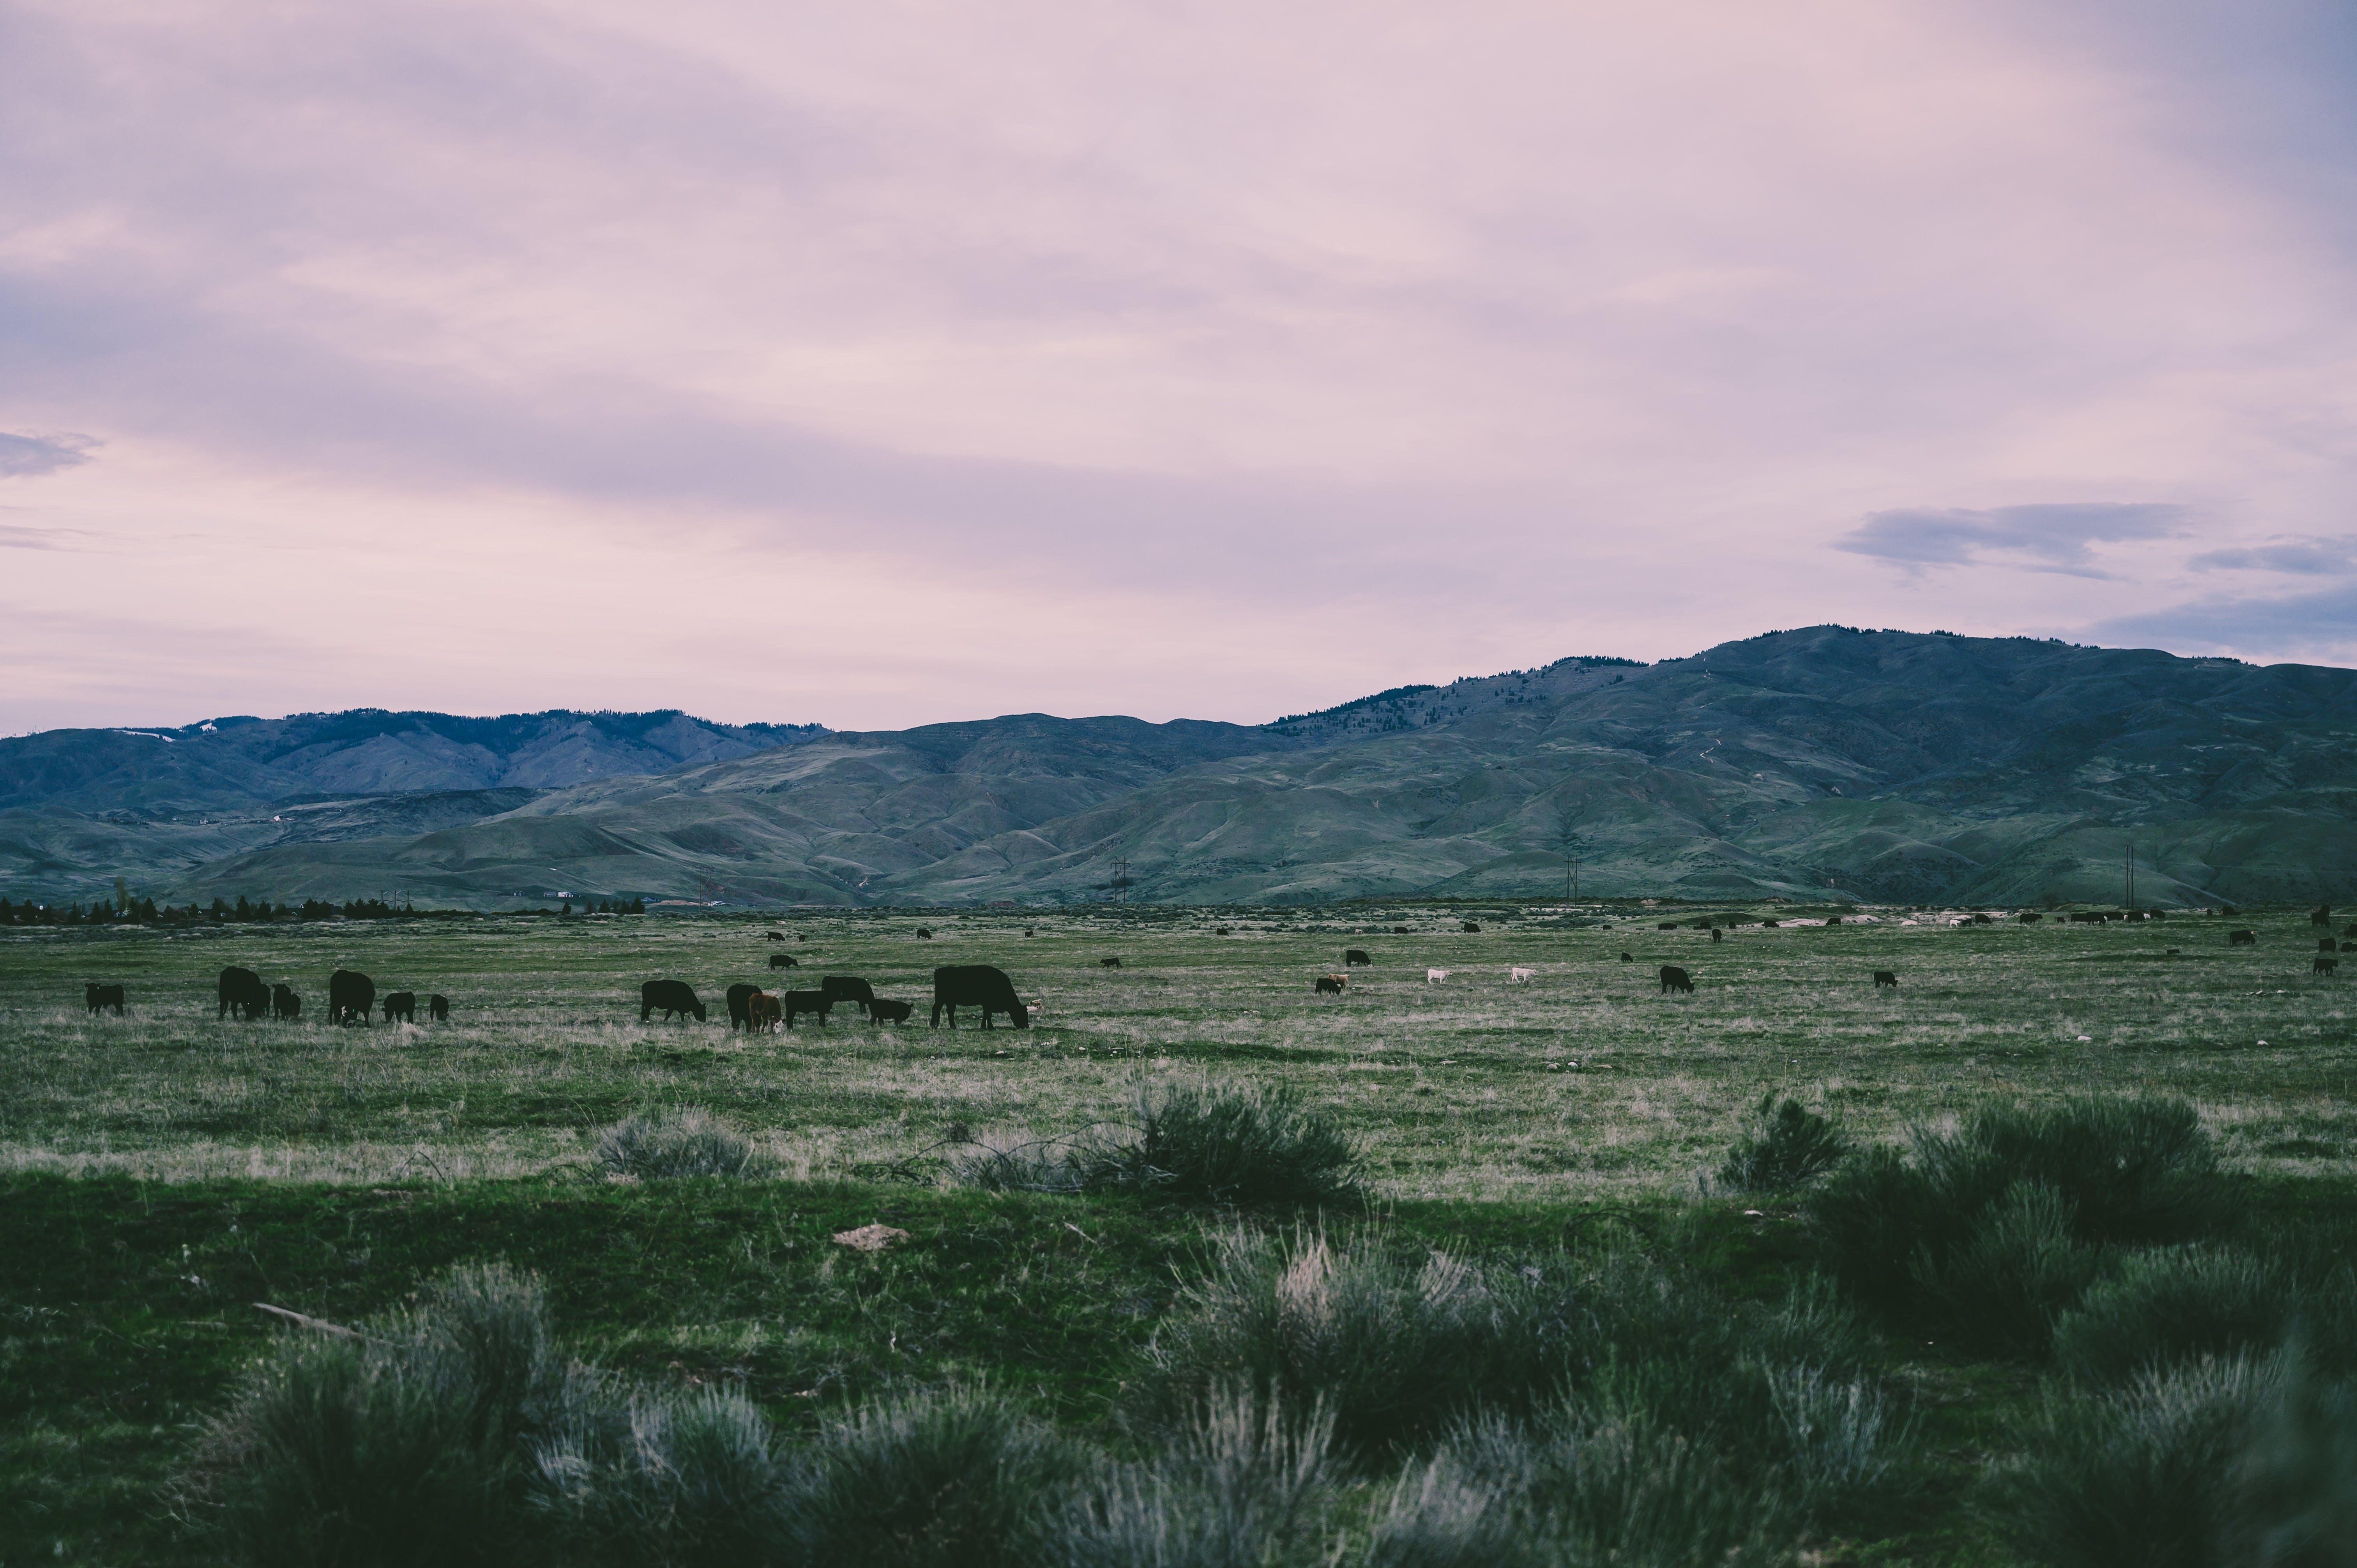 Gratis stockfoto met beesten, bergen, blikveld, decor